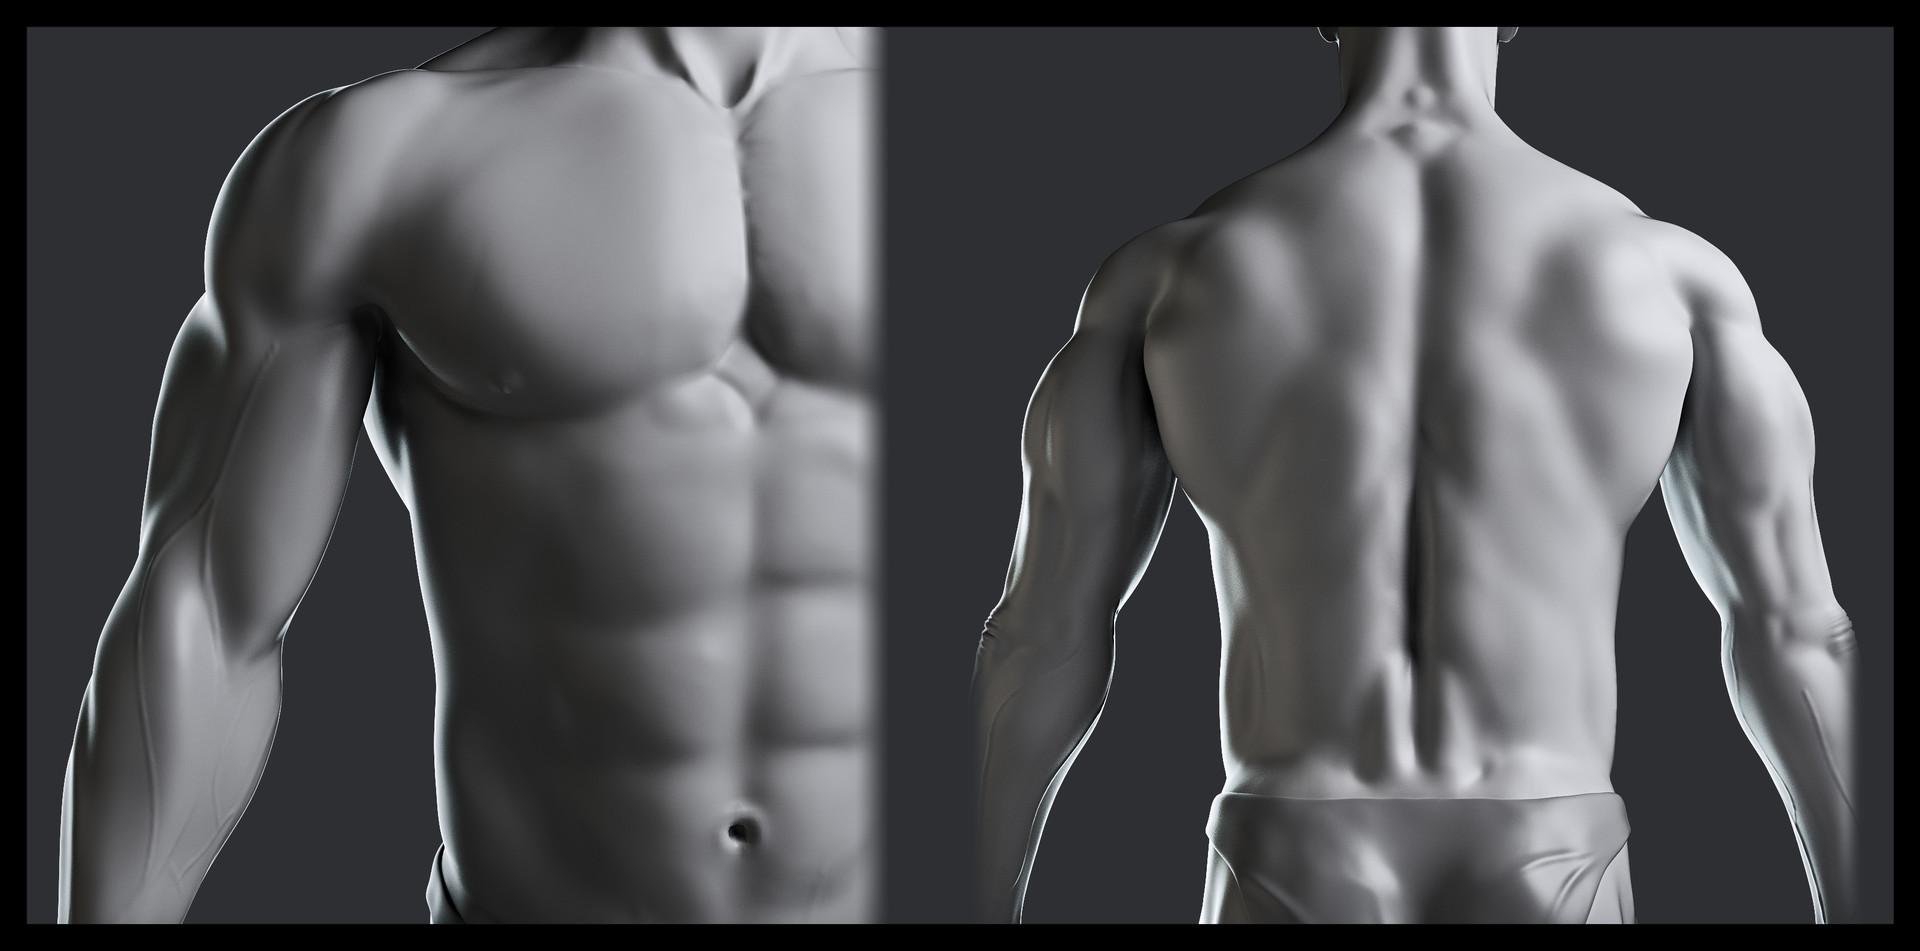 Husni qamhiyeh estudio anatomia detalle01